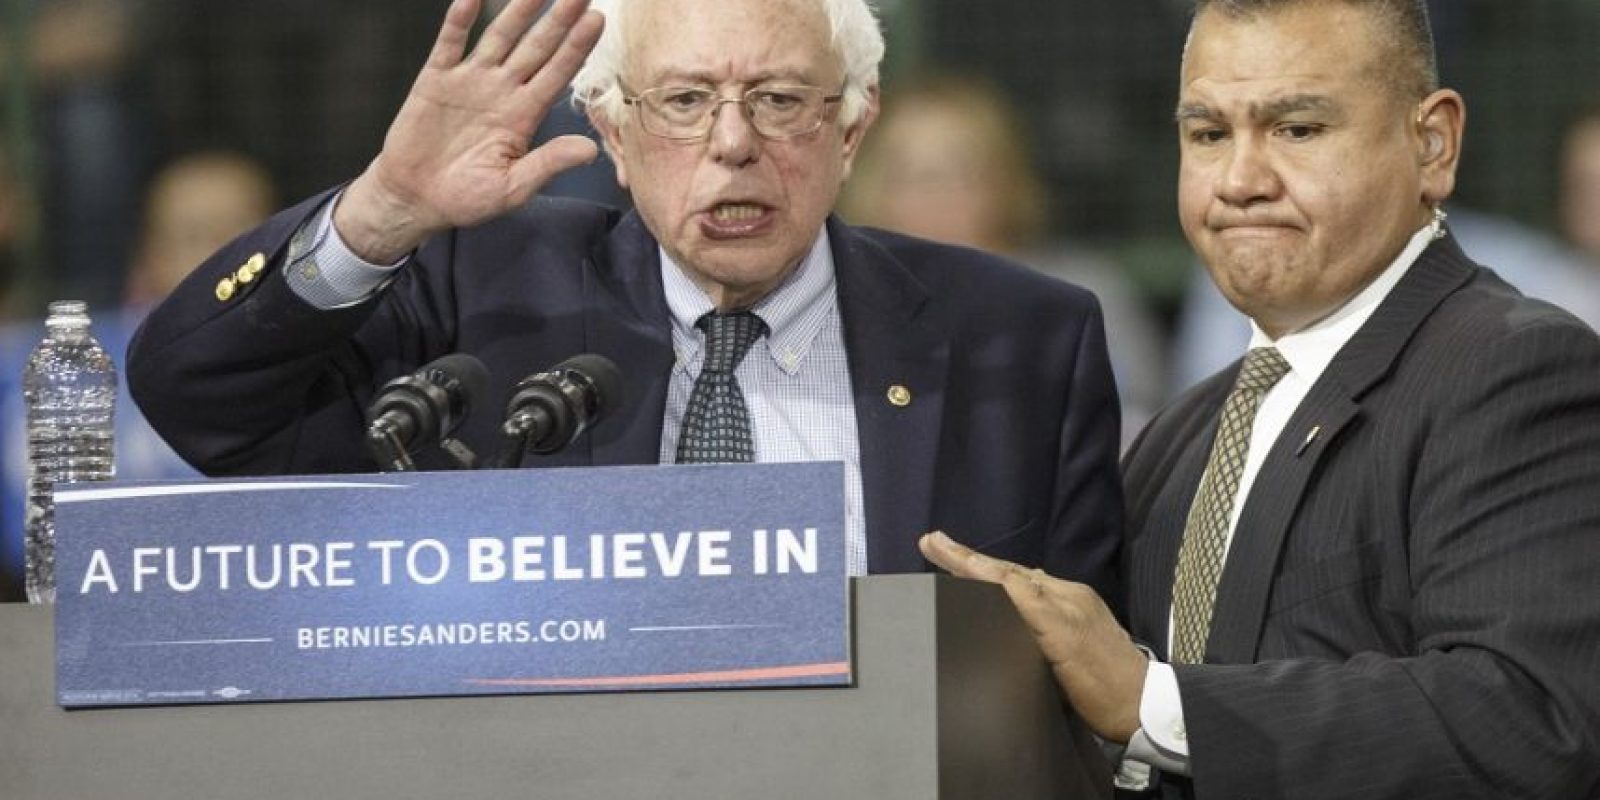 Esta noche podría quedar sellada la nominación de Clinton para competir conDonald Trump. Bernie Sanders (foto) espera impedirlo Foto:Getty